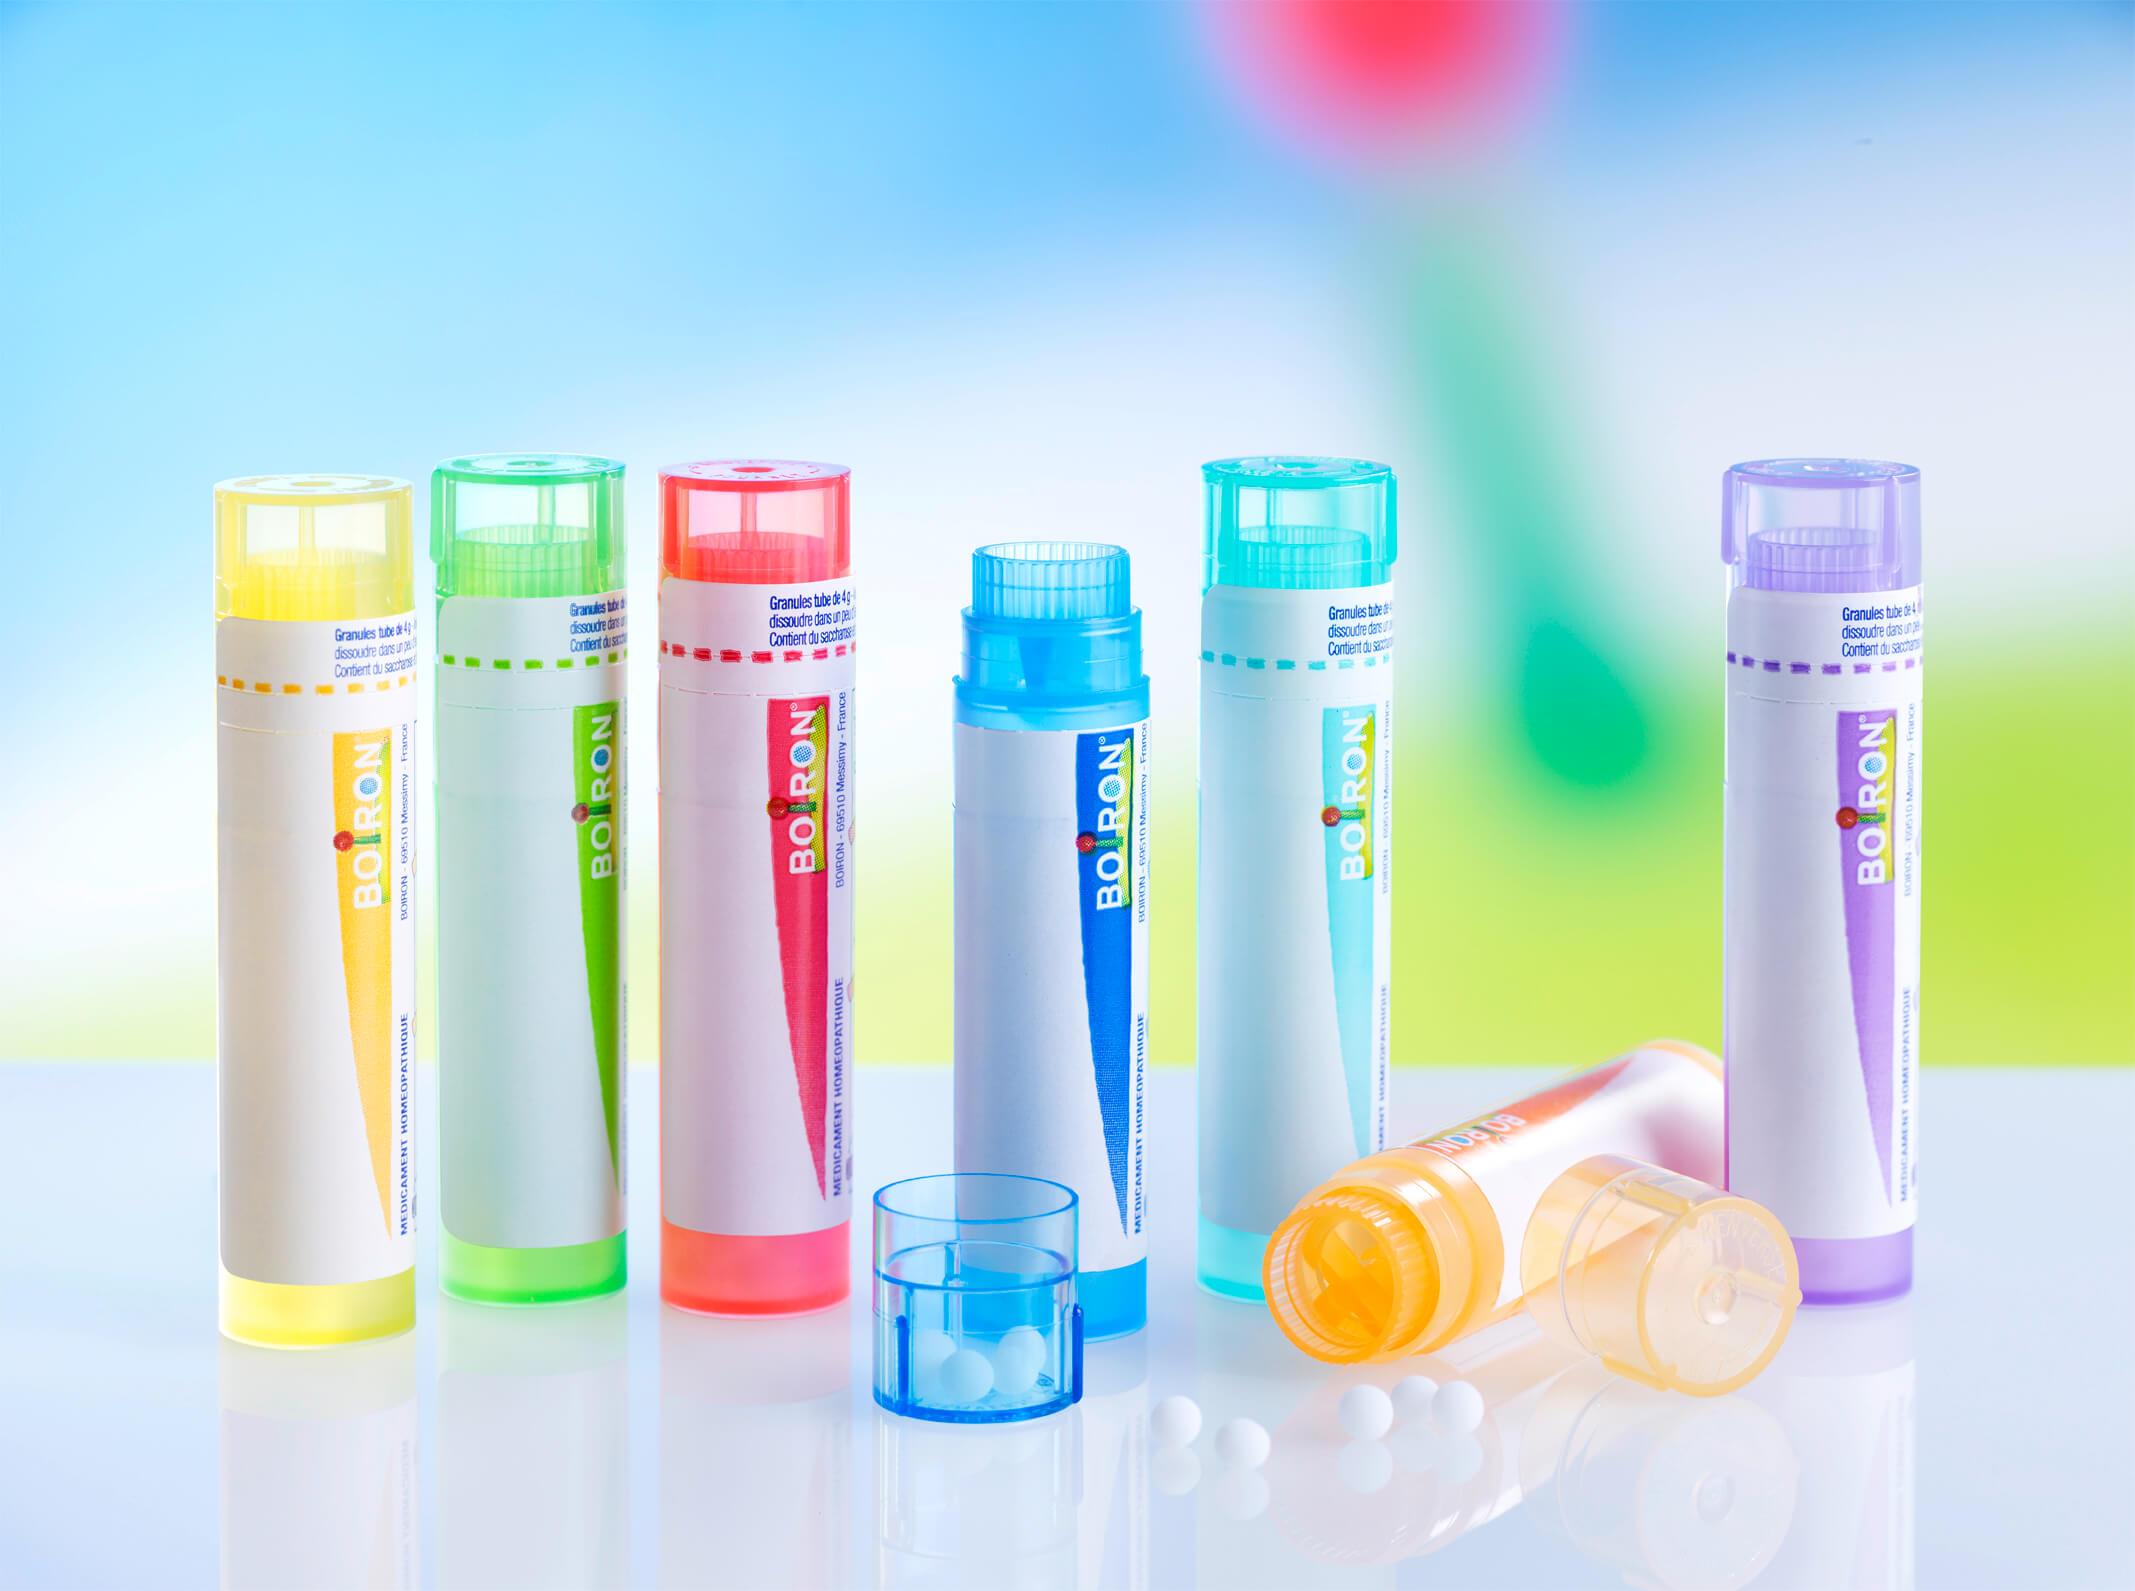 varicoză homeopatie recenzii simulatoarele pentru varice sunt dăunătoare